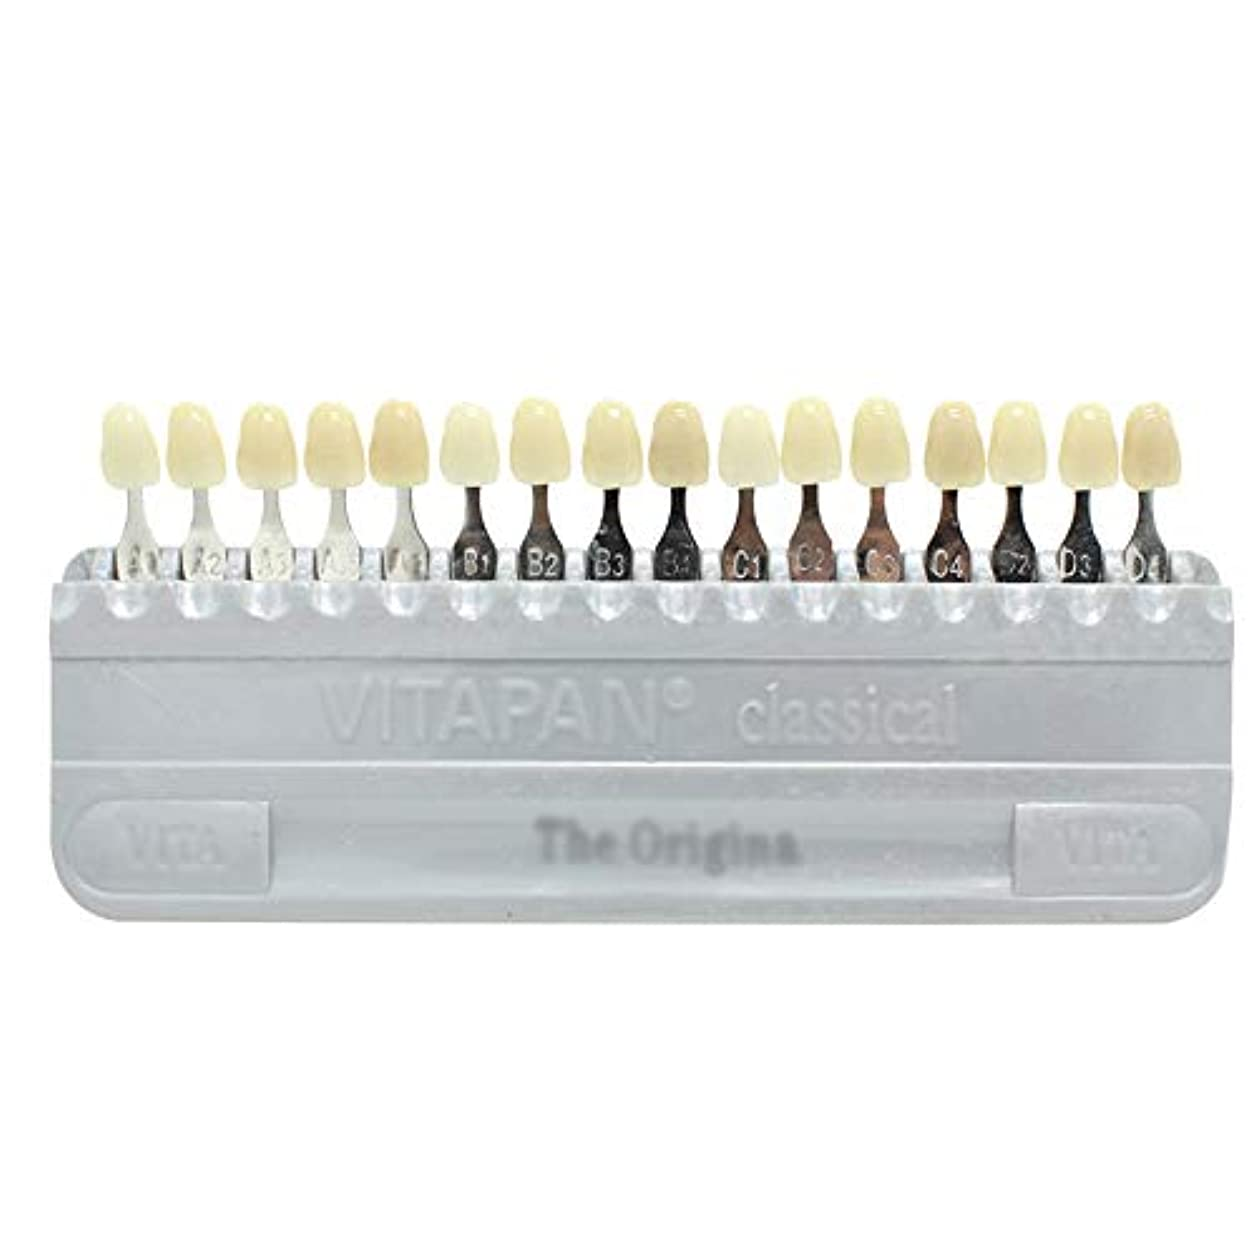 懐疑論大混乱ゴネリルPochiDen 歯科ホワイトニング用シェードガイド 16色 3D 歯列模型ボード